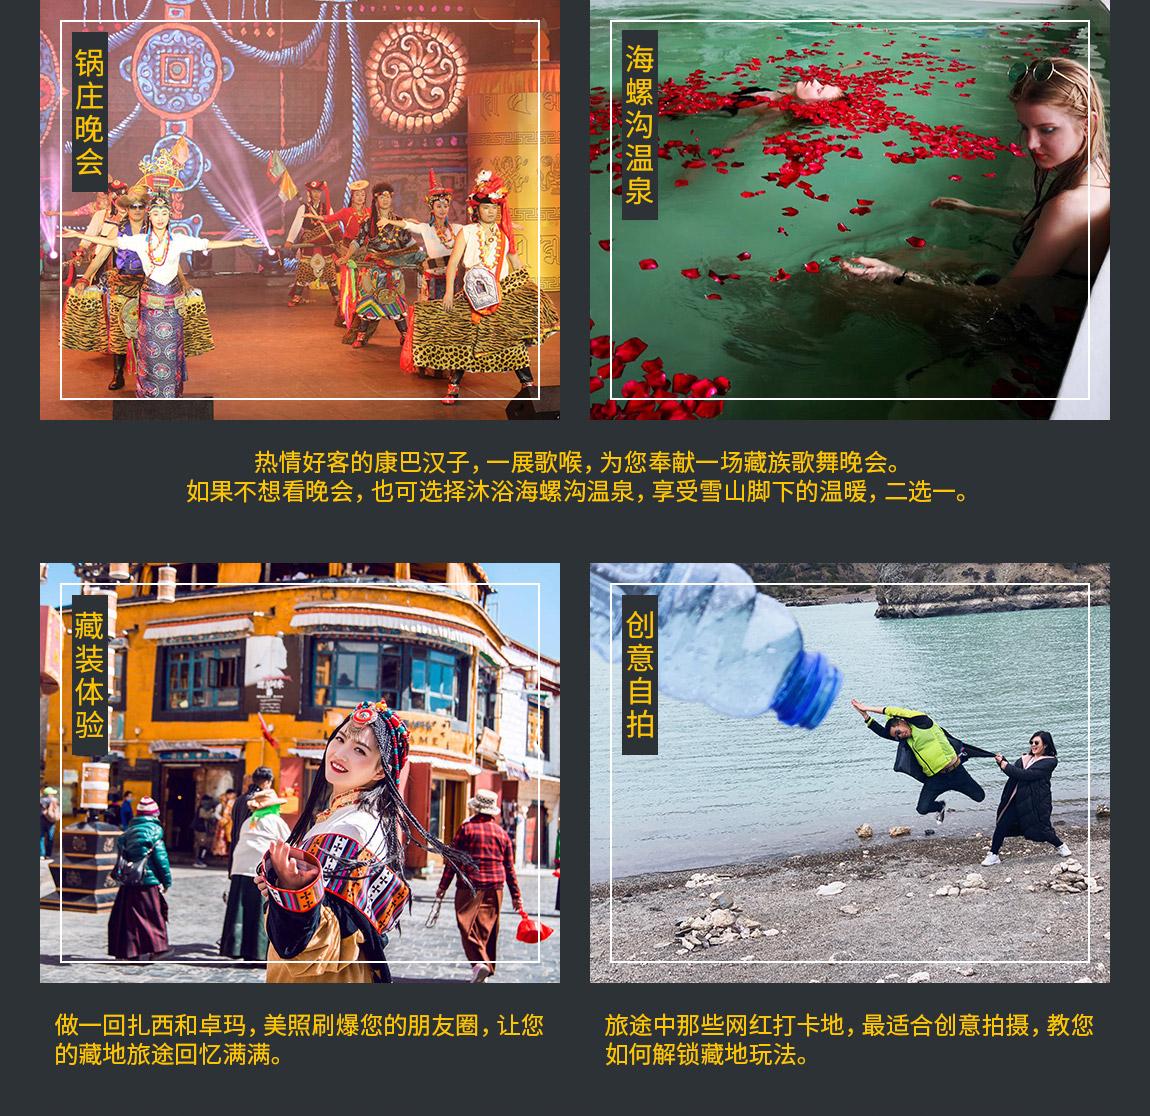 川藏线自驾游详情页_2020升级版_05